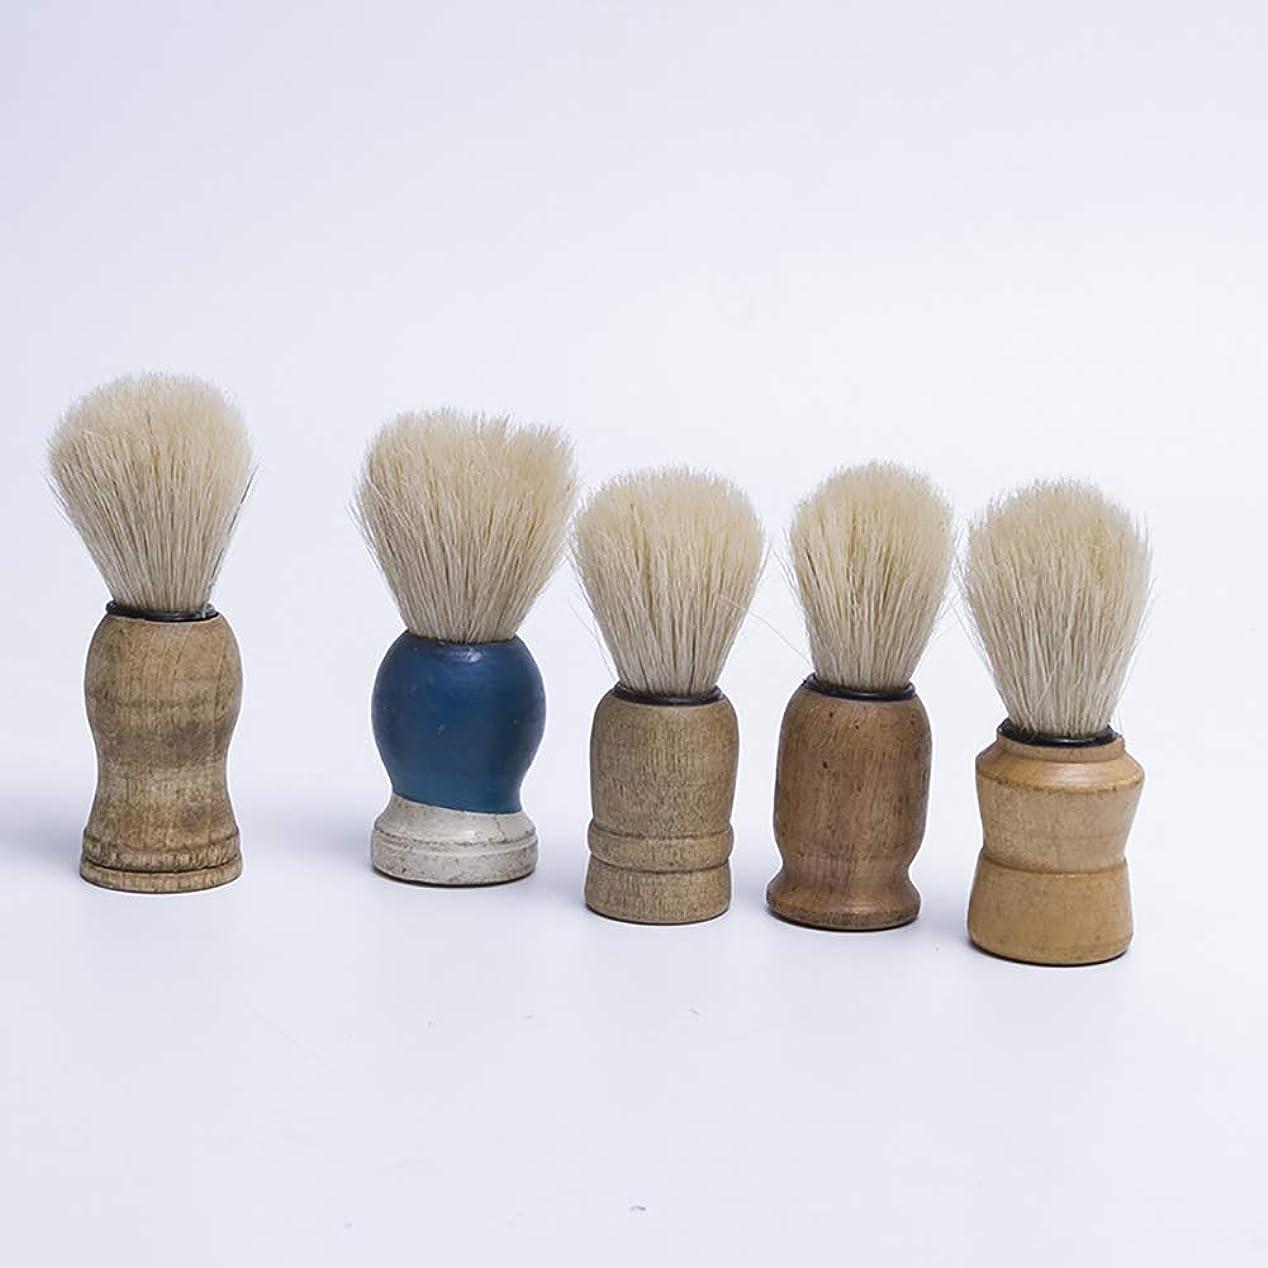 優れた枯渇するうめき声ACHICOO 木製 ハンドルが付いている人 髭そり ブラシ 大広間 クリーニング 電気器具 剃毛用具 ブラシを剃っている人